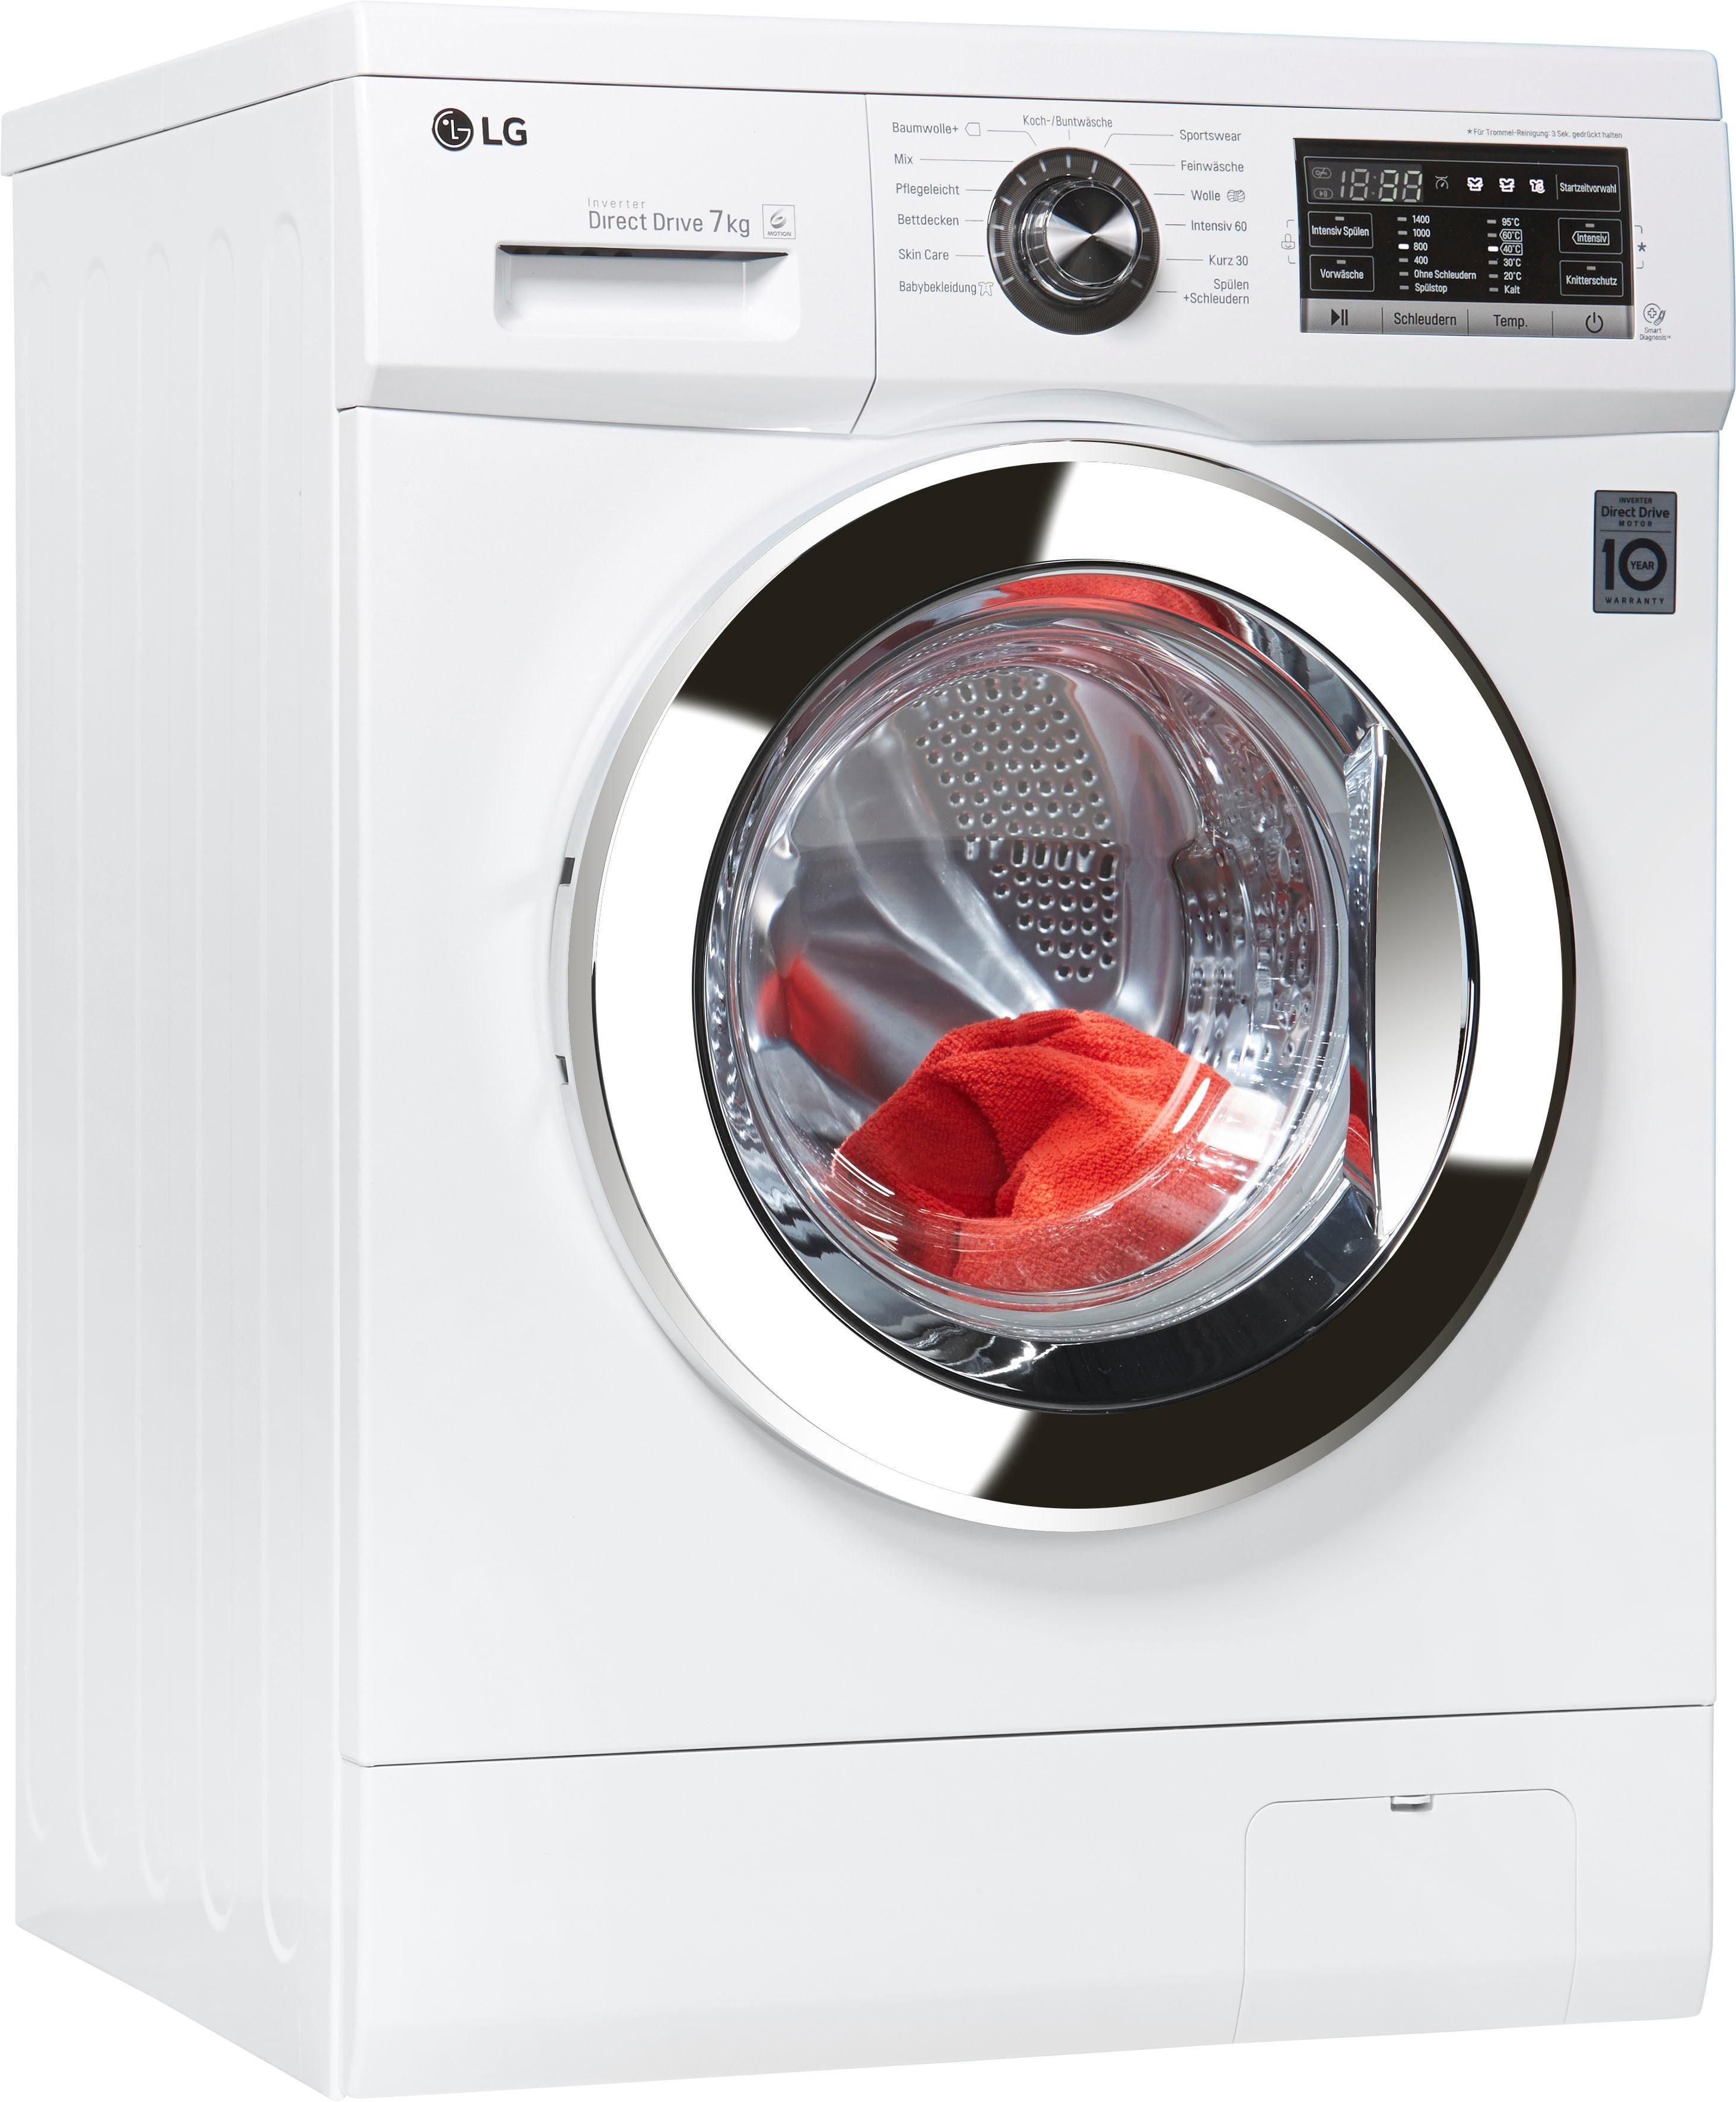 LG Waschmaschine F1496QD3H, 7 kg, 1400 U/Min